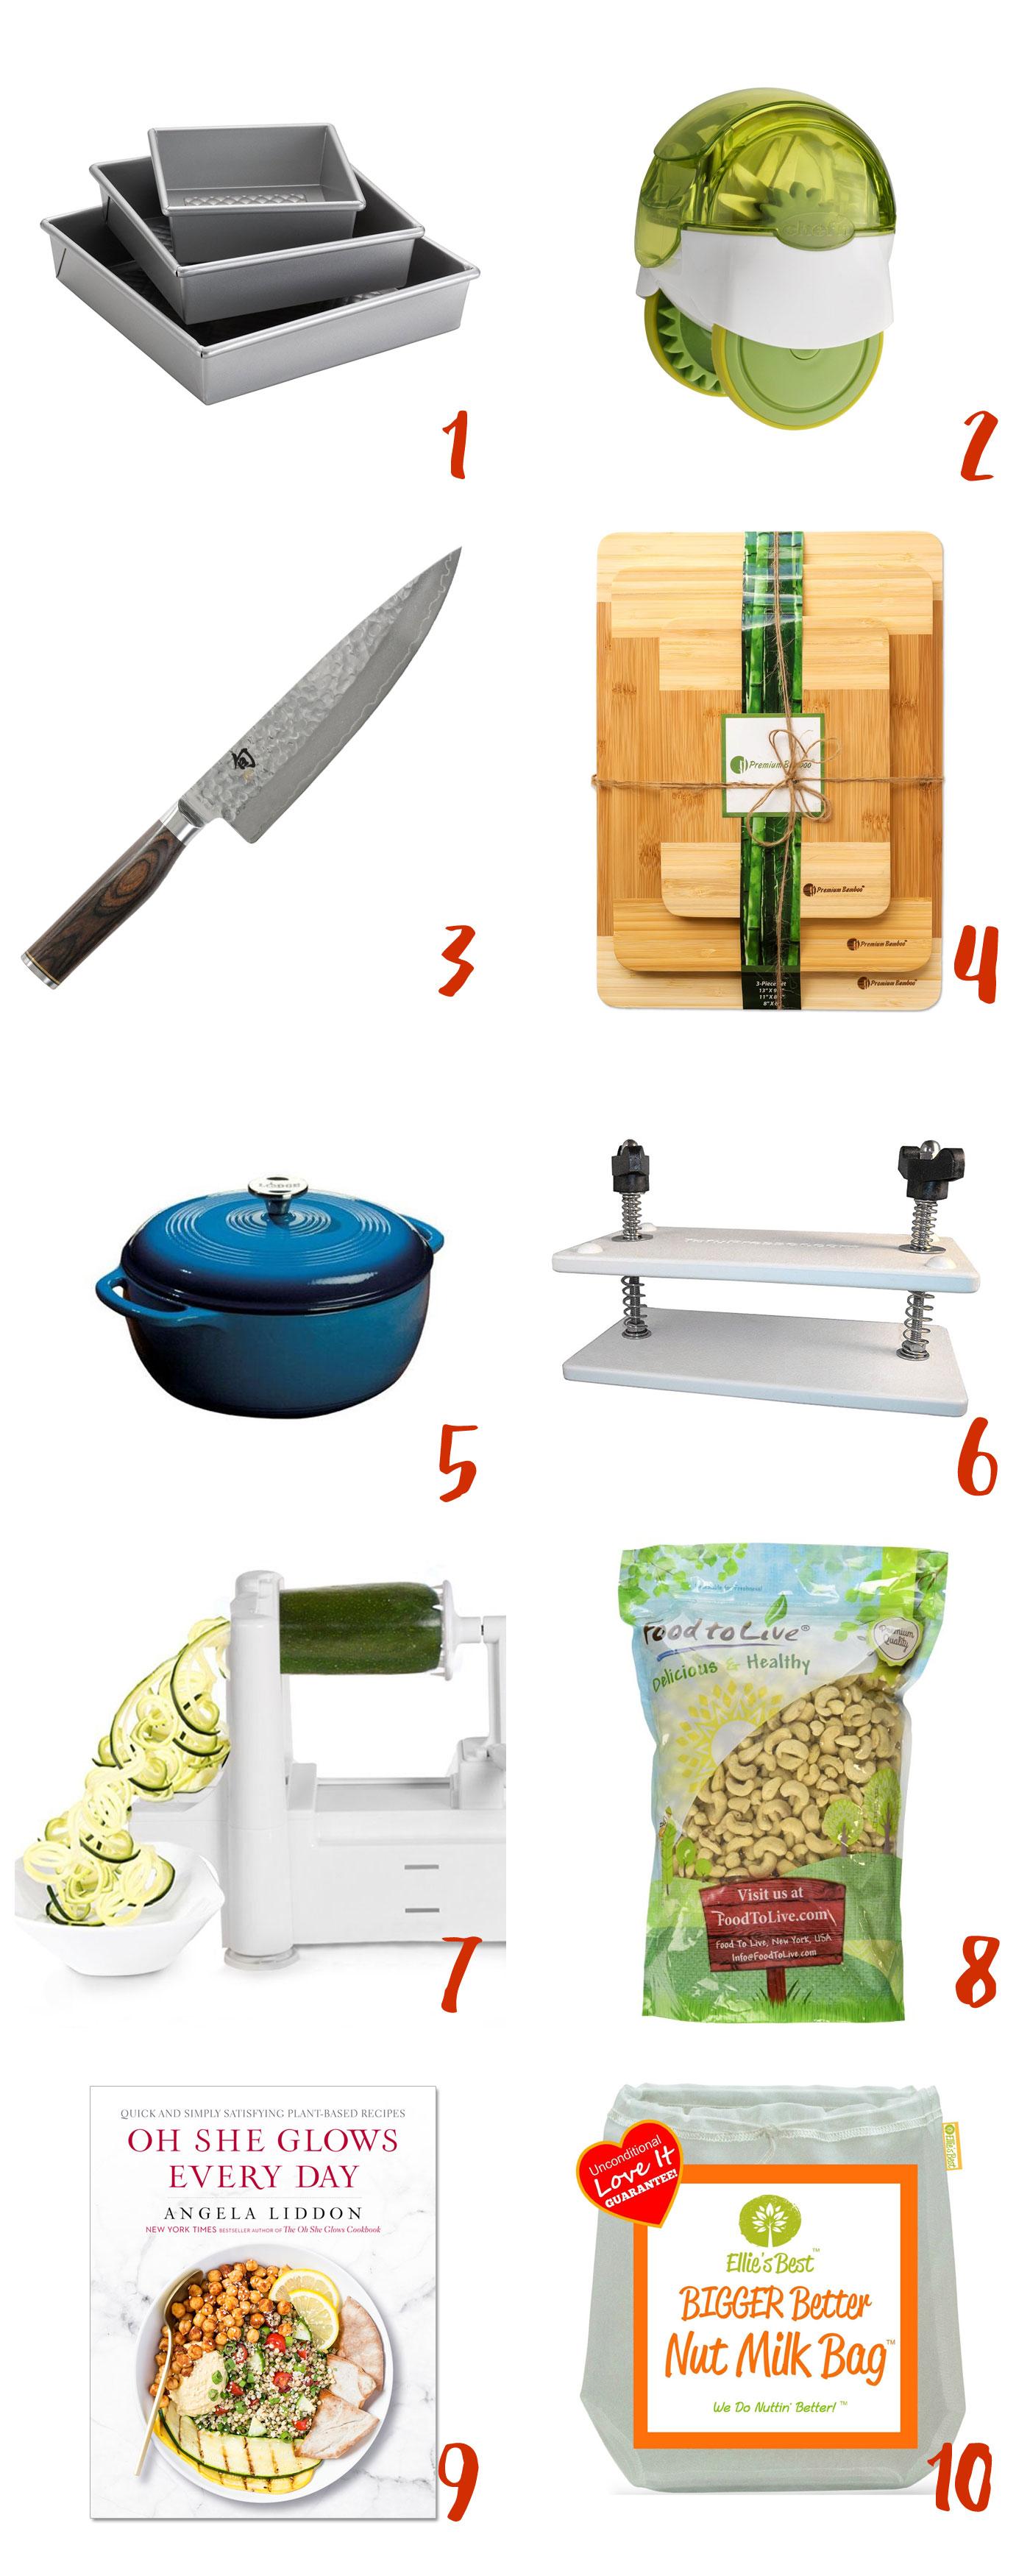 Christmas Gifts For Vegans.10 Christmas Gifts For Vegan Cooks Full Of Plants